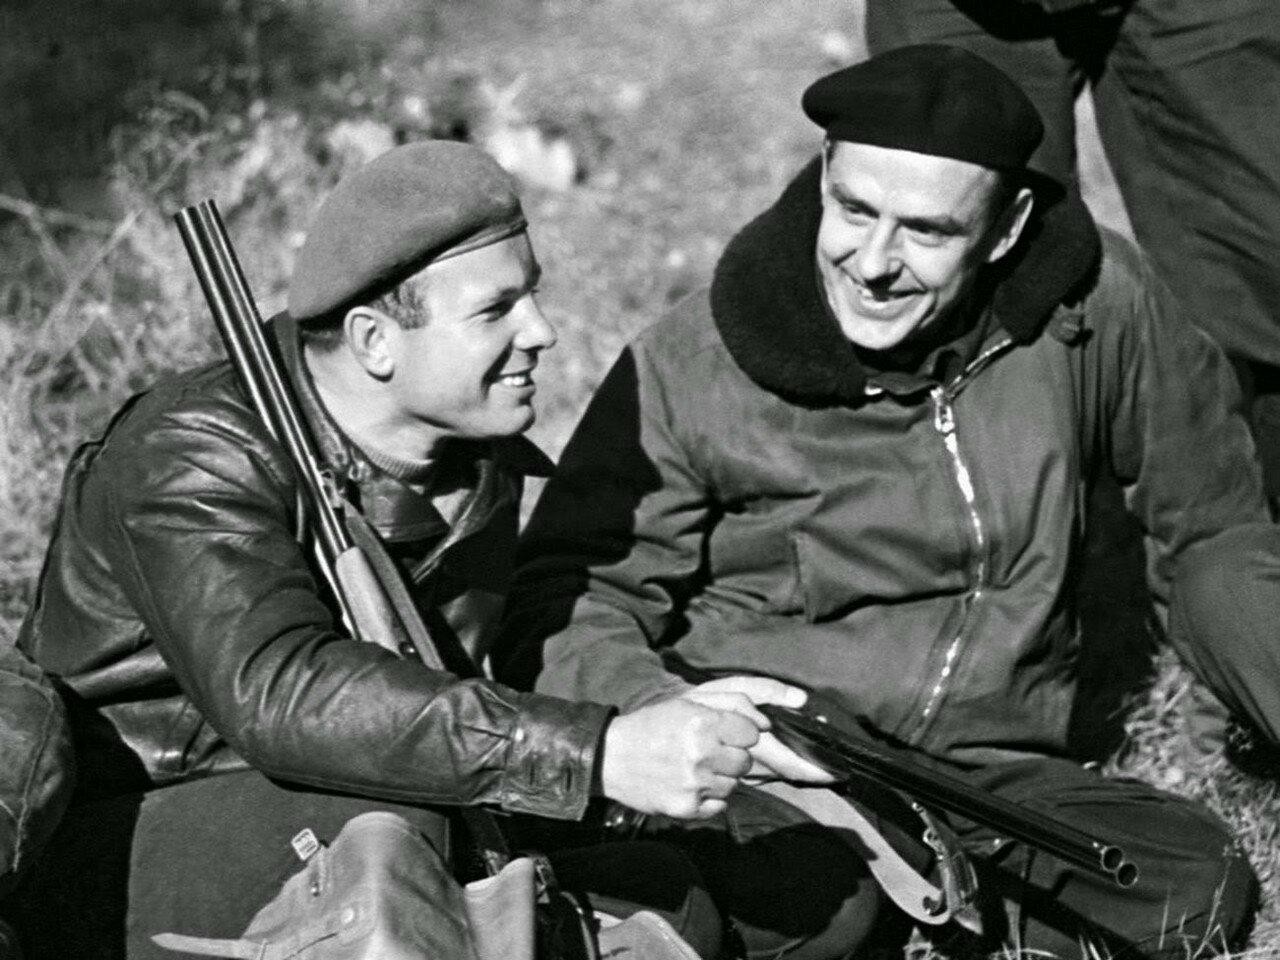 Владимир Комаров был одним из лучших друзей Гагарина. На снимке они вместе на охоте